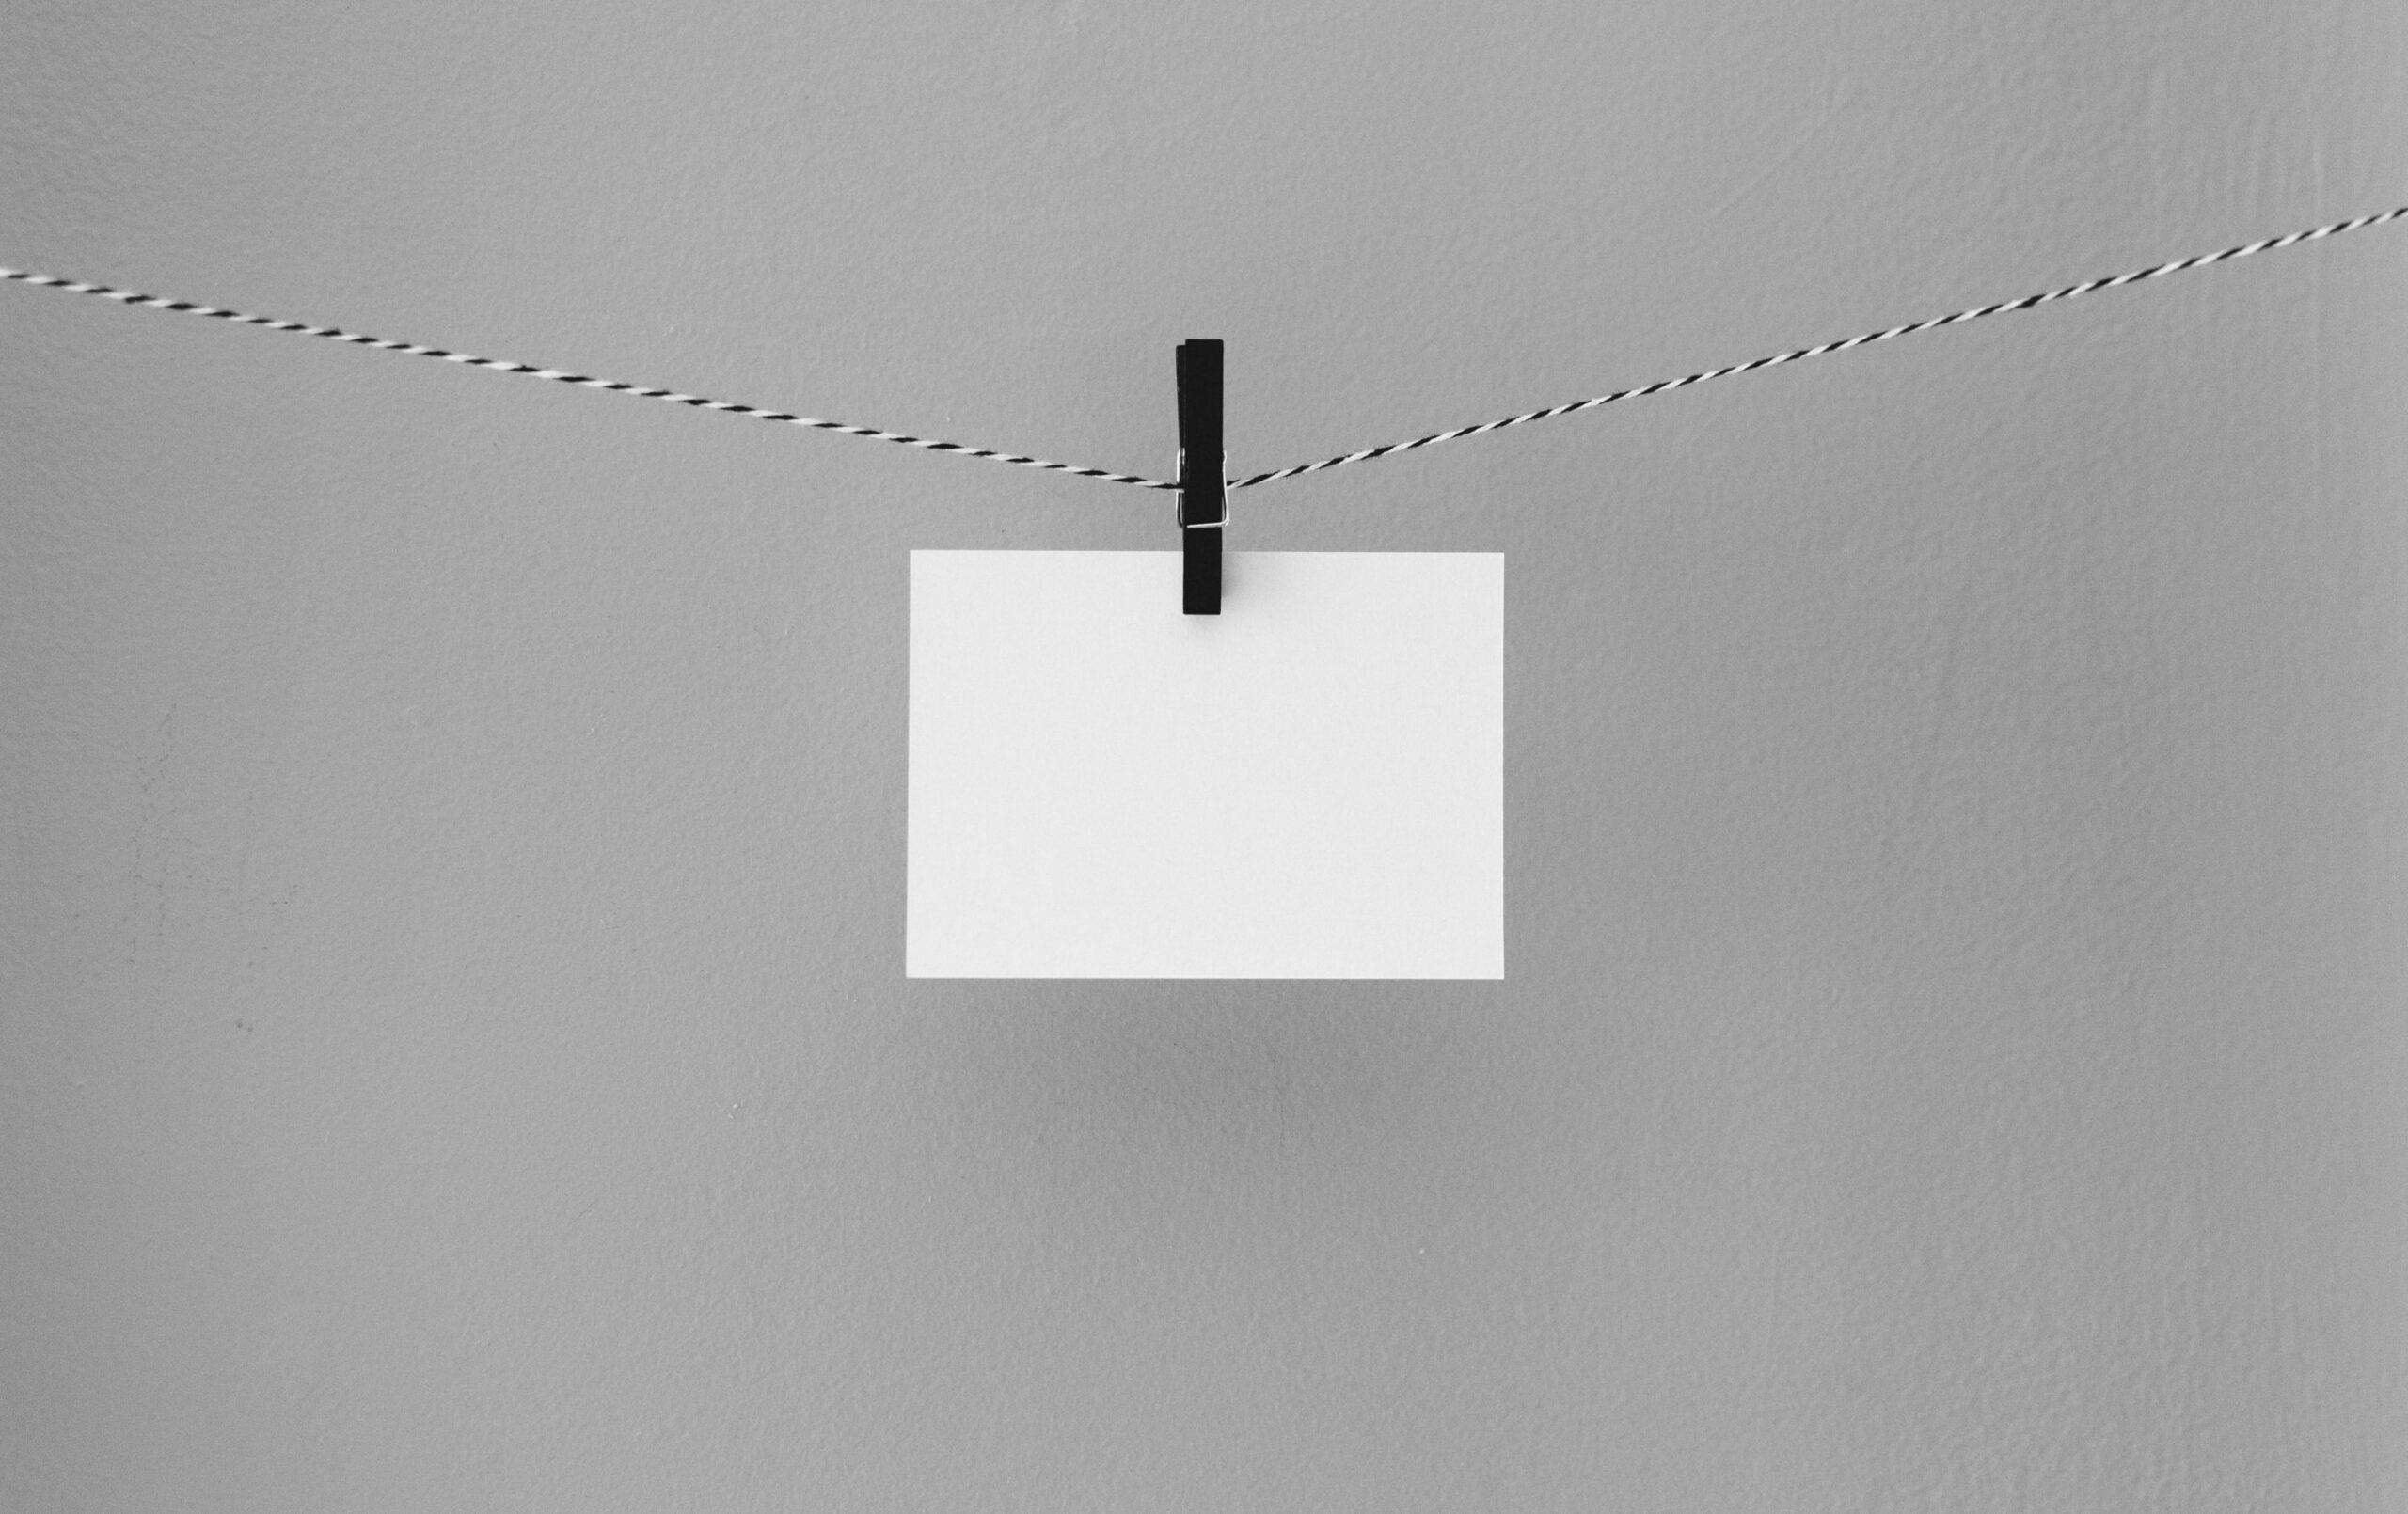 Leerer Zettel hängt auf einer Leine